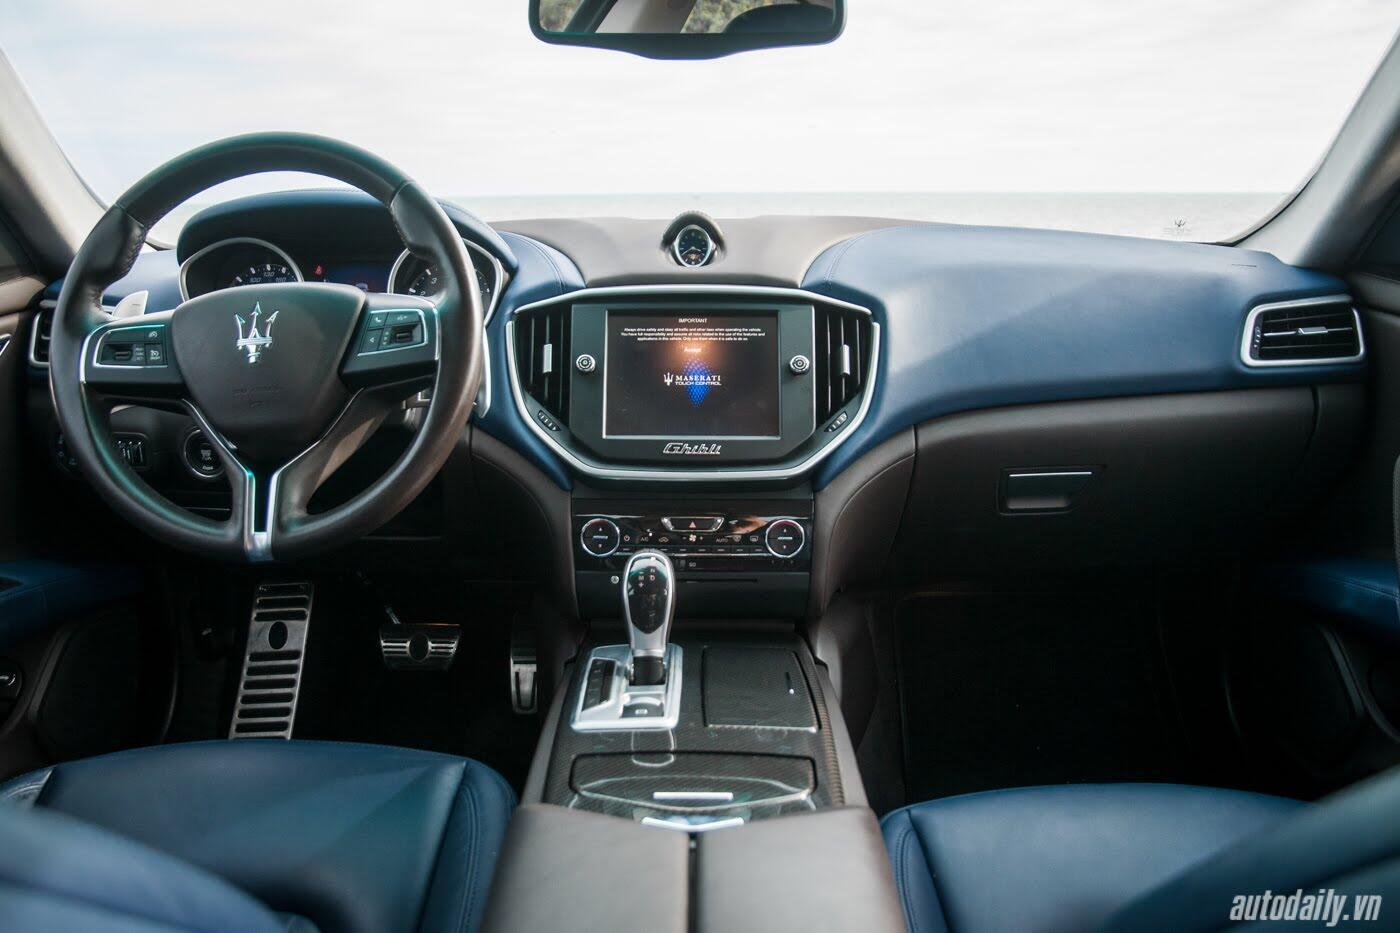 Lái thử Maserati Ghibli - Một trải nghiệm khác về tốc độ - Hình 5